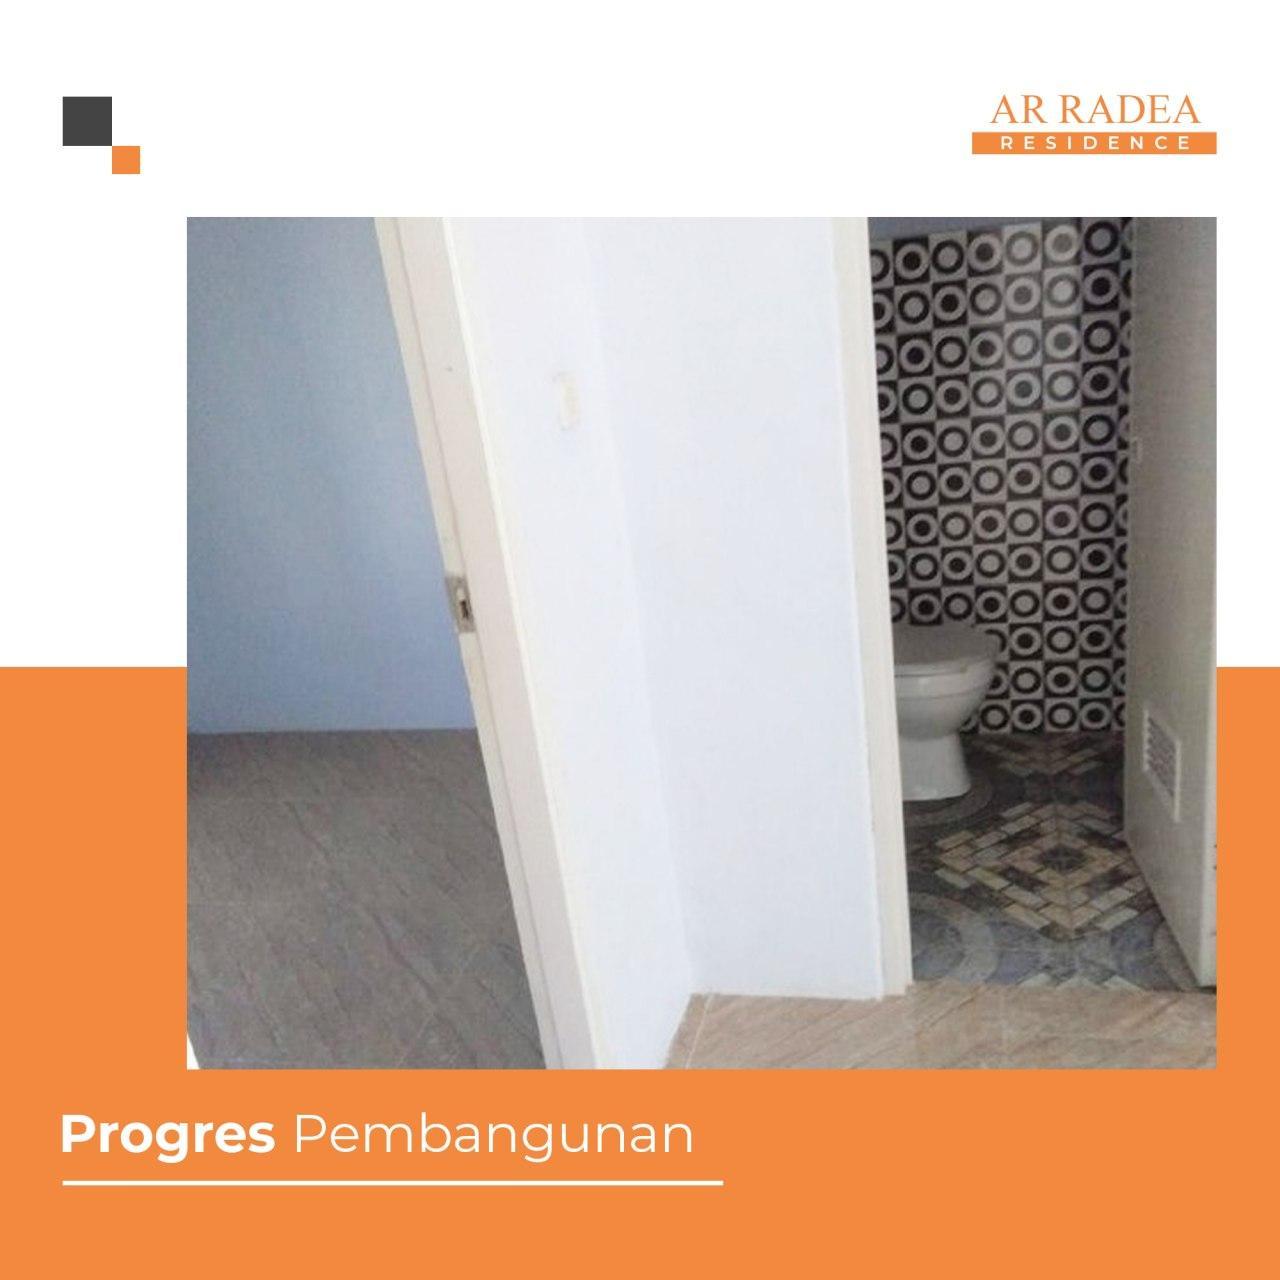 perumahan-syariah-bekasi-rumah-syariah-gambar-progress-pembangunan7-di-cibarusah-cikarang-bekasi-ar-radea-davproperty